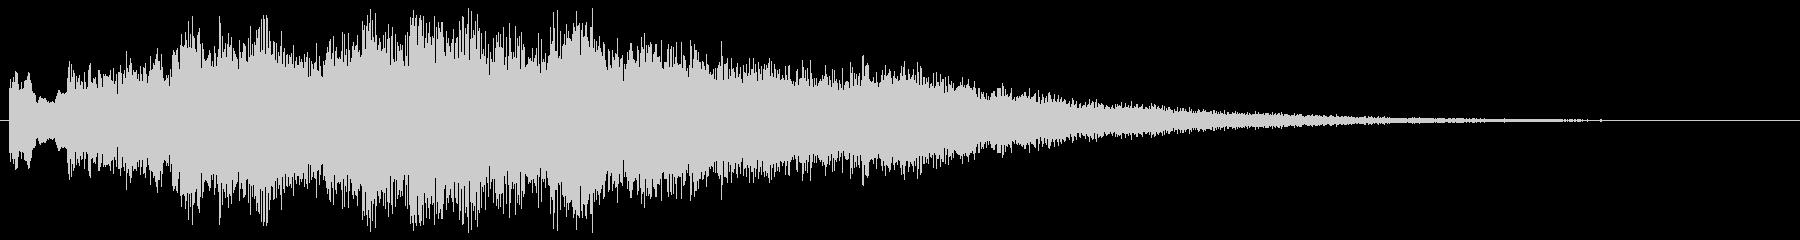 KANT神秘的なピアノとシンセジングルの未再生の波形